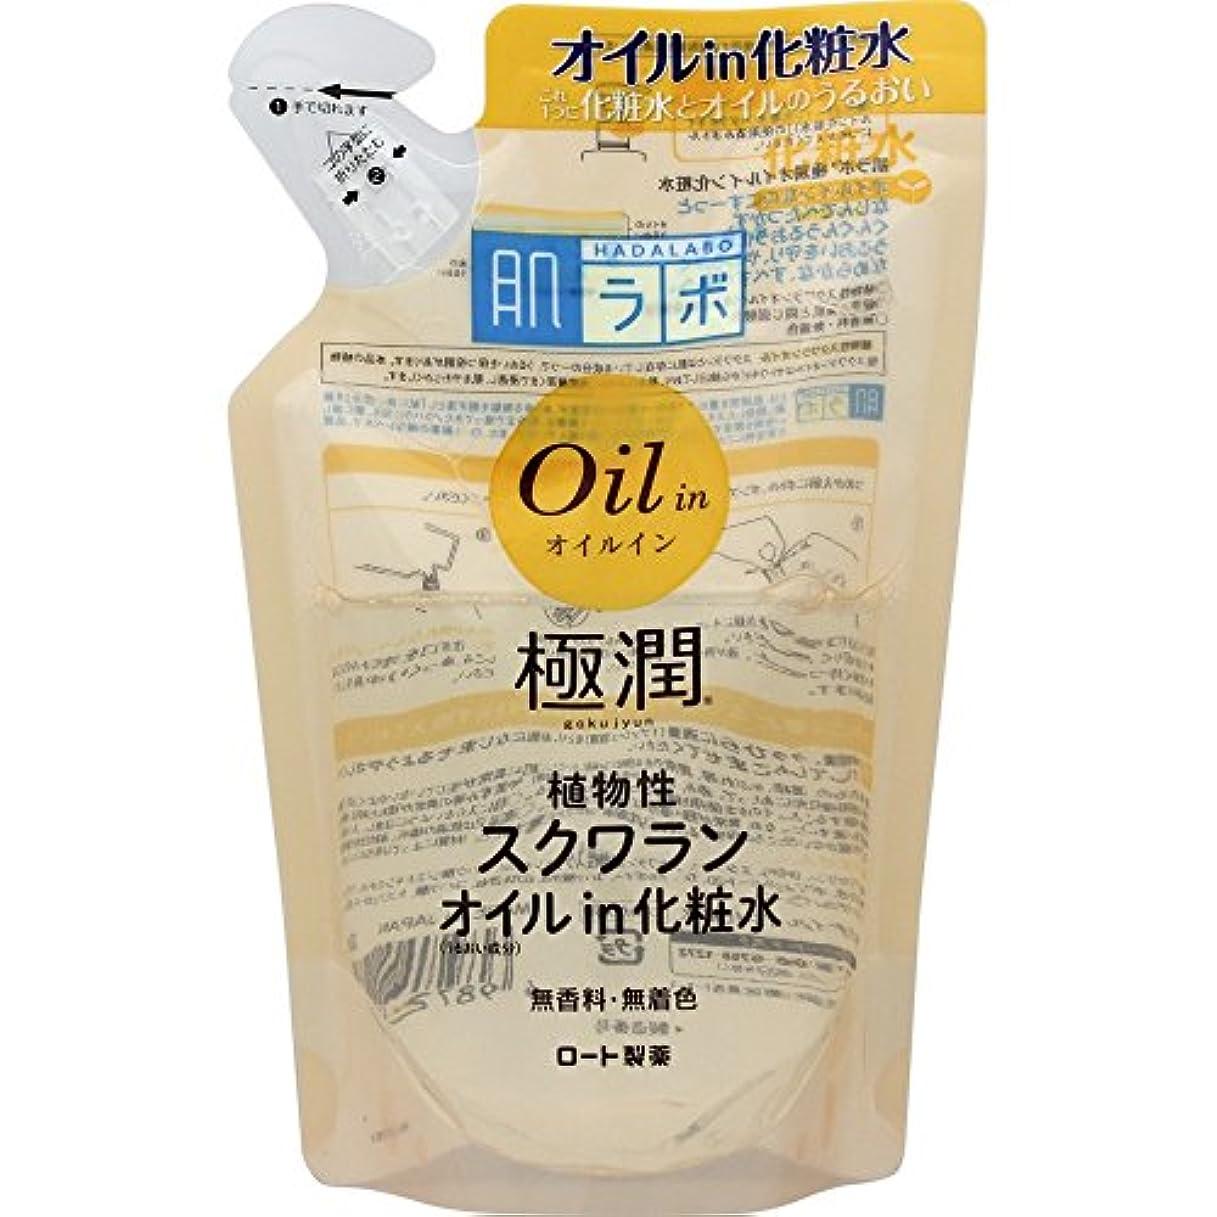 部分的羨望眩惑する肌ラボ 極潤オイルイン化粧水 <詰替用> 植物性スクワランオイル配合 220ml